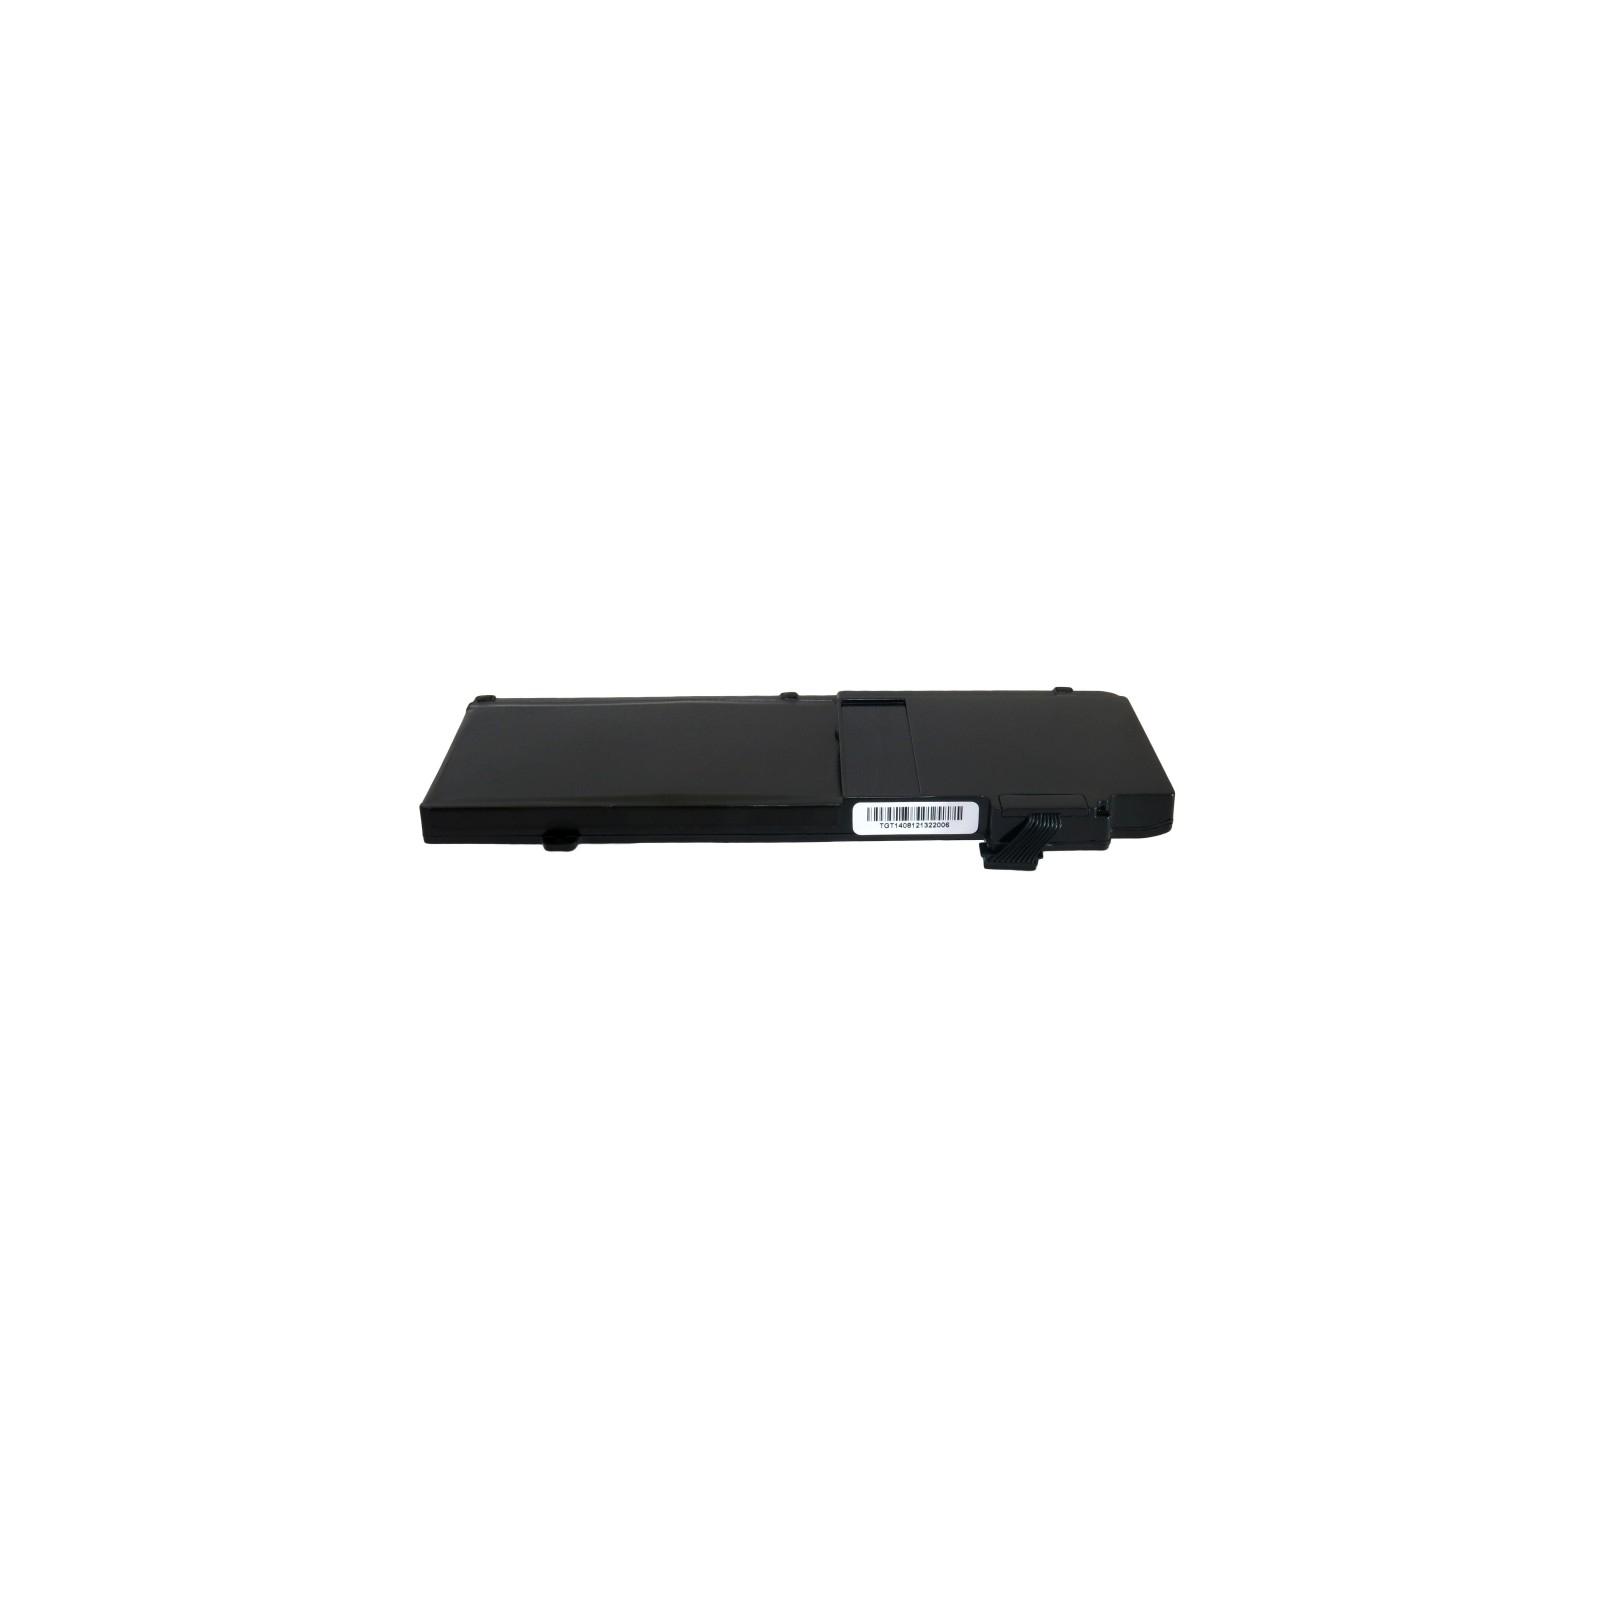 Аккумулятор для ноутбука APPLE A1322 (5800 mAh) EXTRADIGITAL (BNA3905) изображение 3